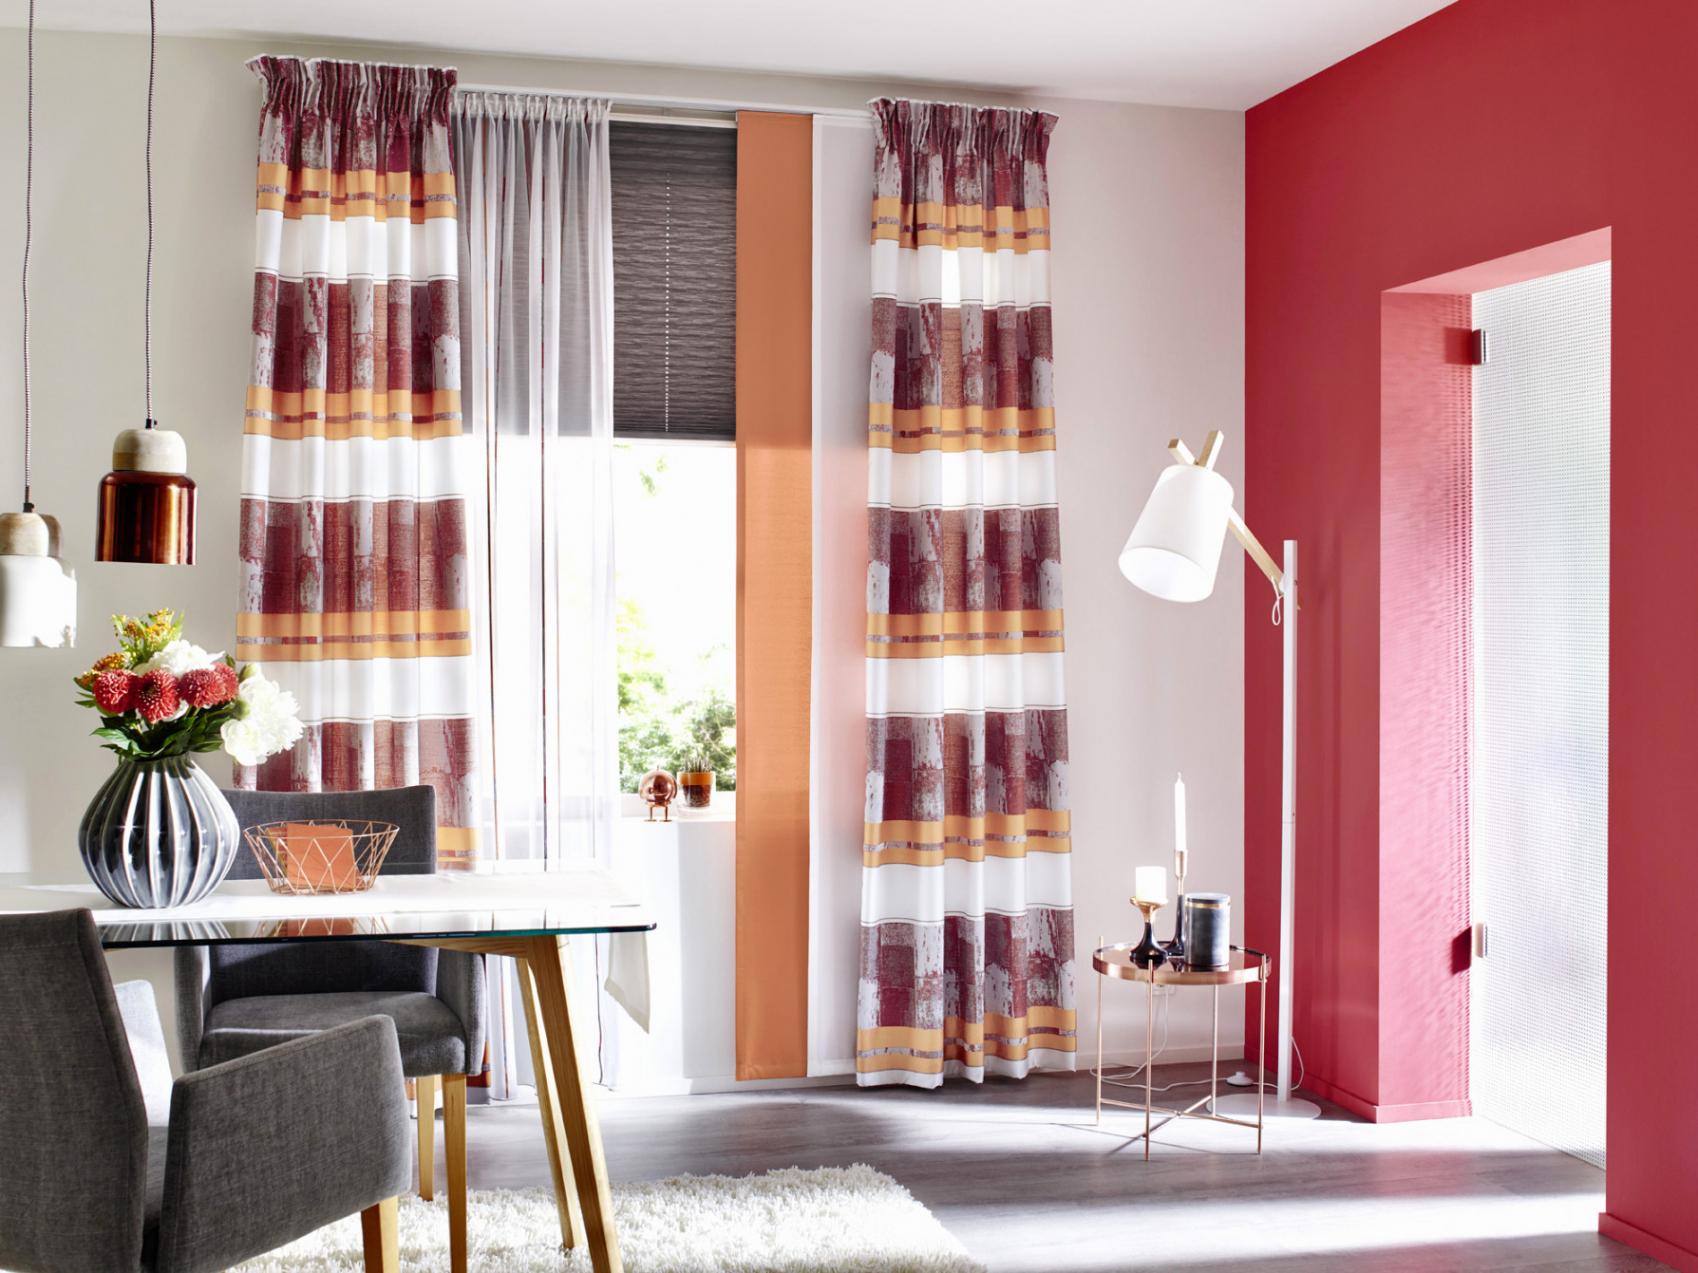 Full Size of Gardinen Dekorationsvorschläge Wohnzimmer überraschend Vorhang   Vorhang Knoten Binden Wohnzimmer Wohnzimmer Vorhänge